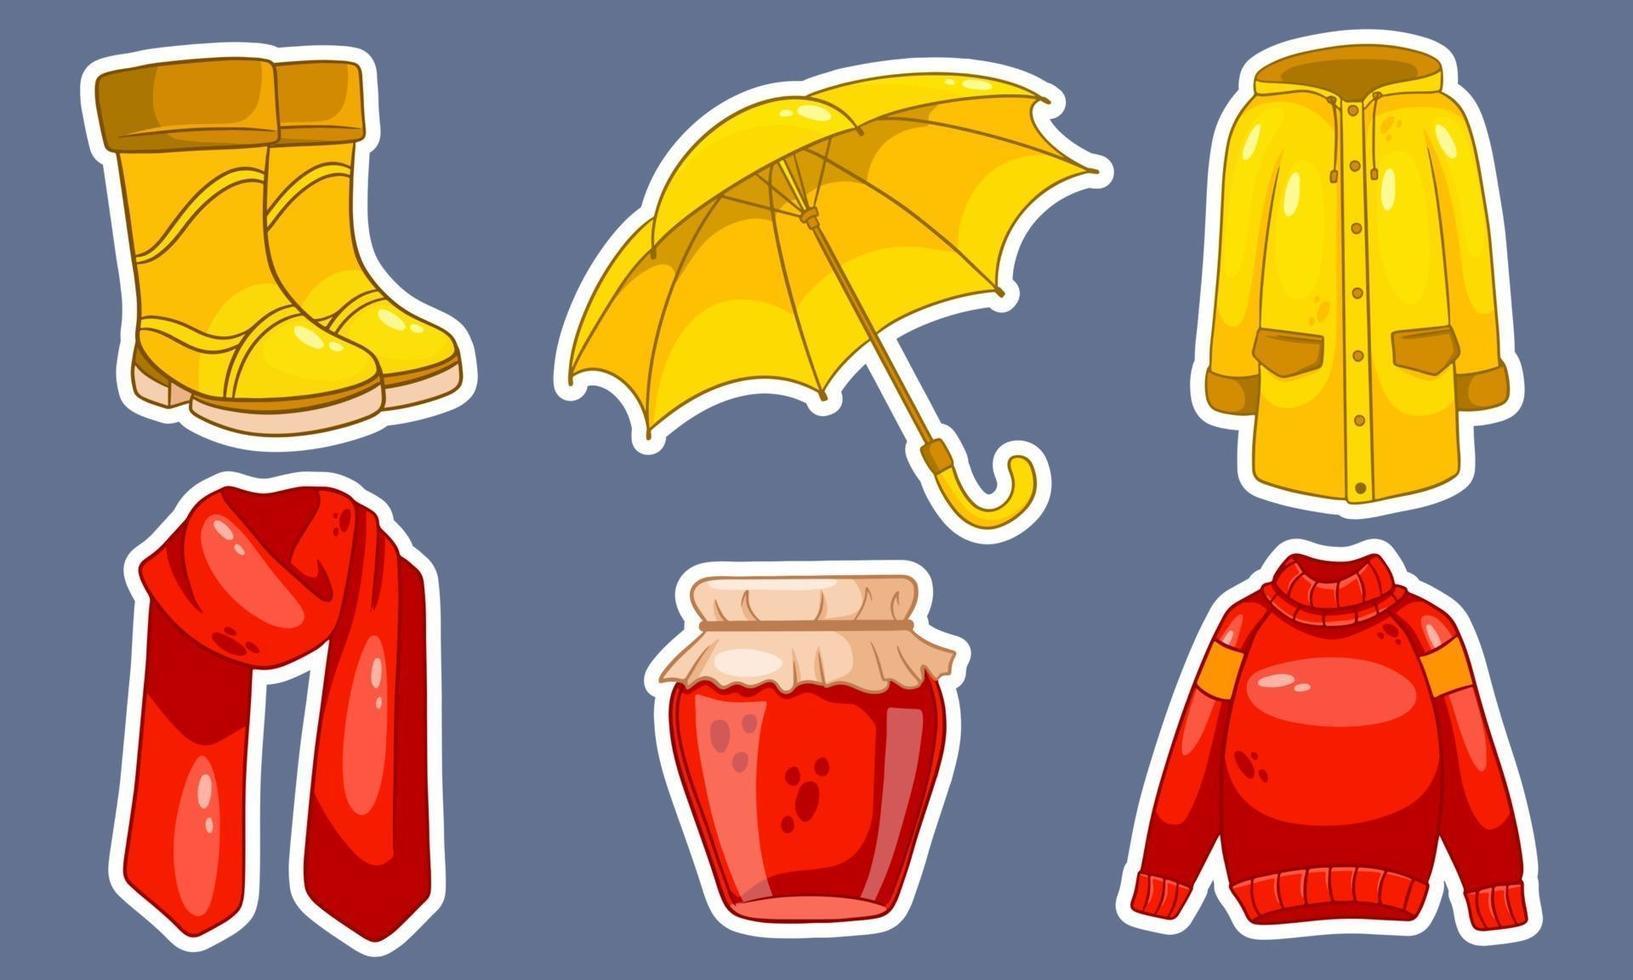 Herbst eingestellt. Aufkleber. Marmelade, Schal, Regenmantel, Pullover, Gummistiefel, Regenschirm. vektor